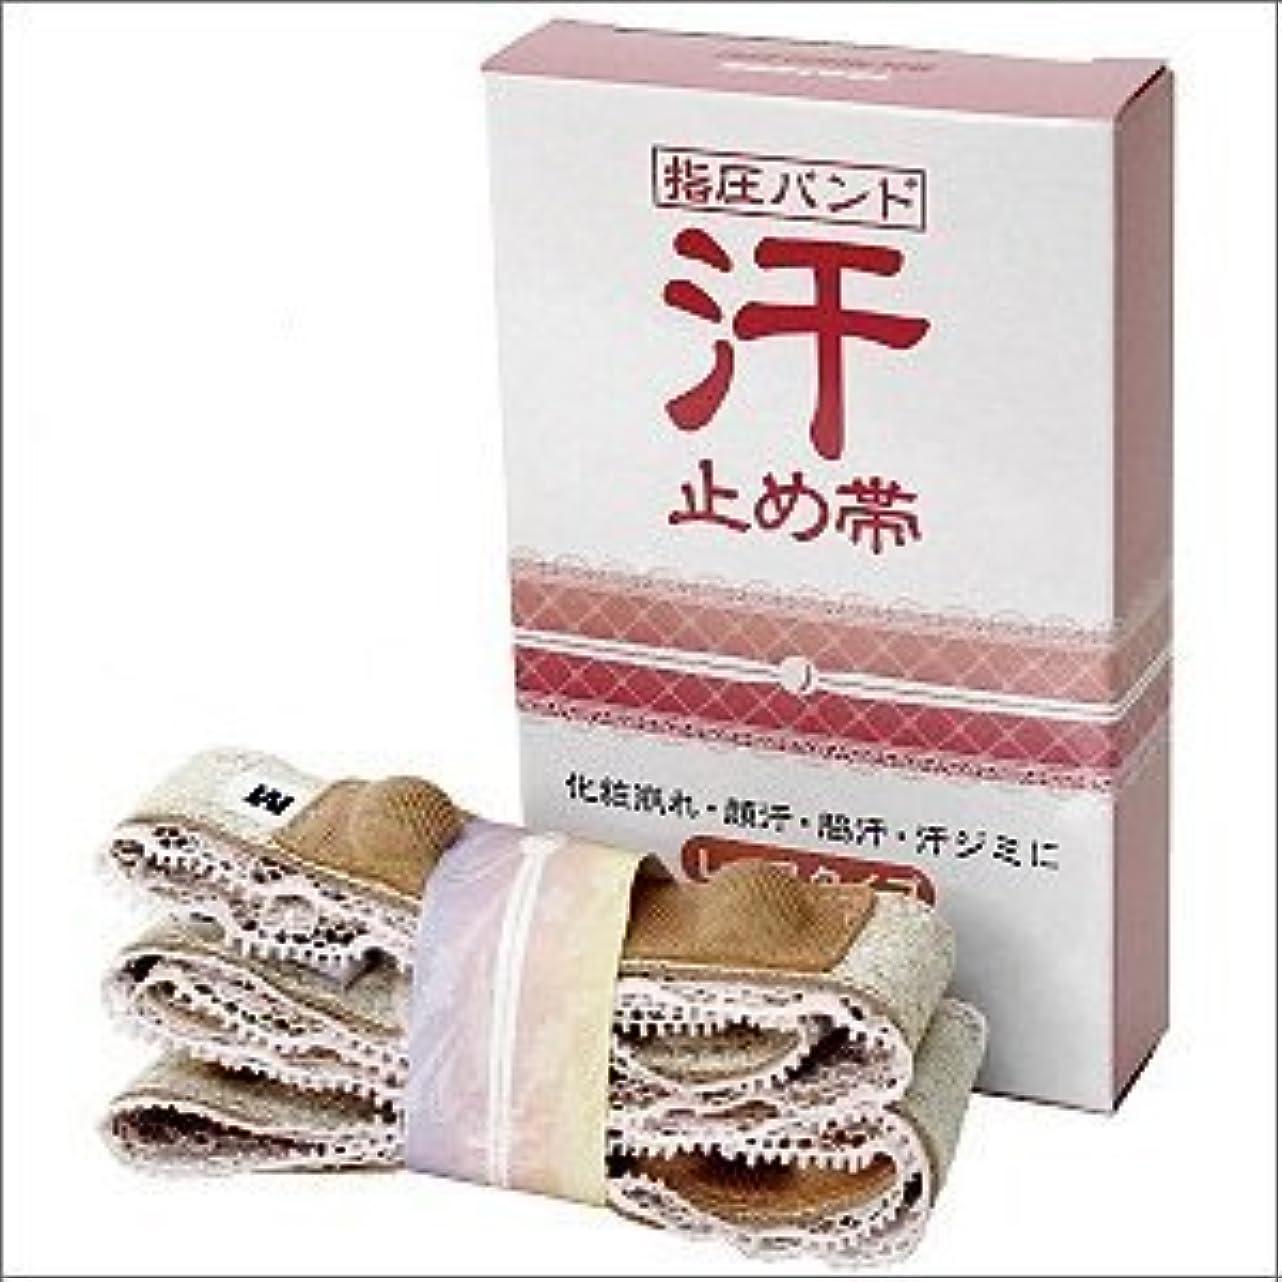 侵入伝統的組み合わせ汗止め帯 レースタイプ (XS(650~750mm), ホワイト)